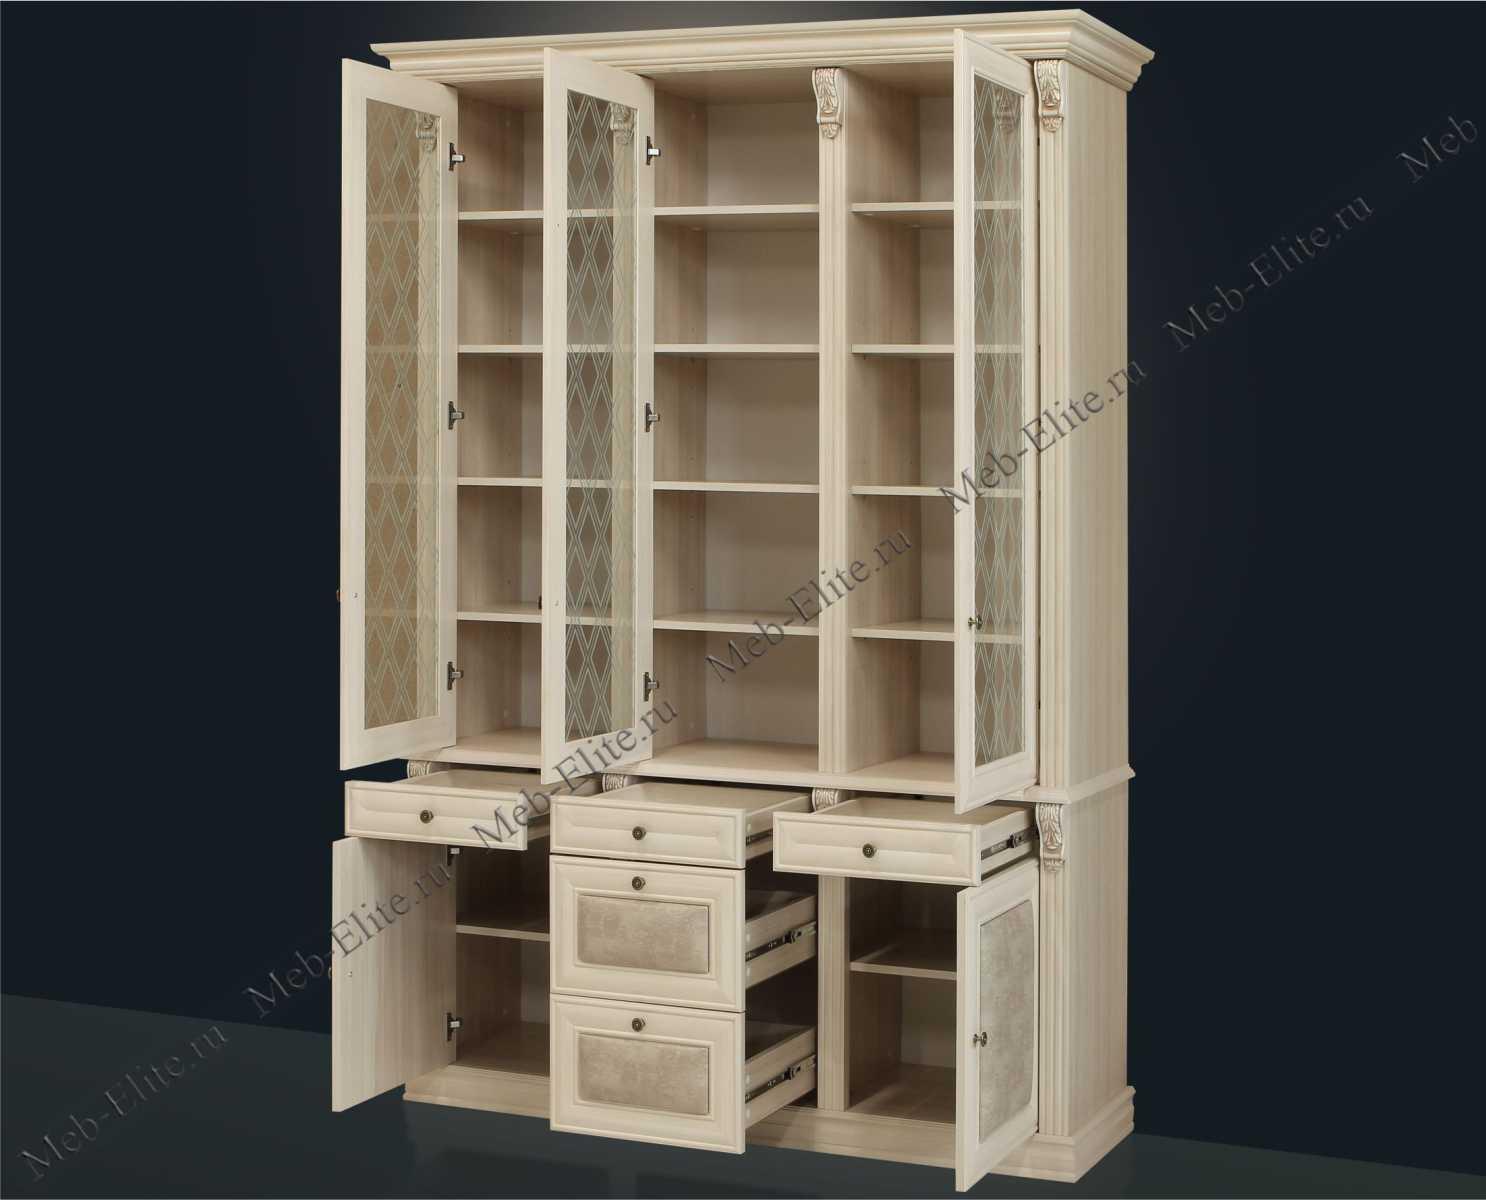 Благо книжный шкаф 3 дверный 5.15-7 - купить со склада в инт.